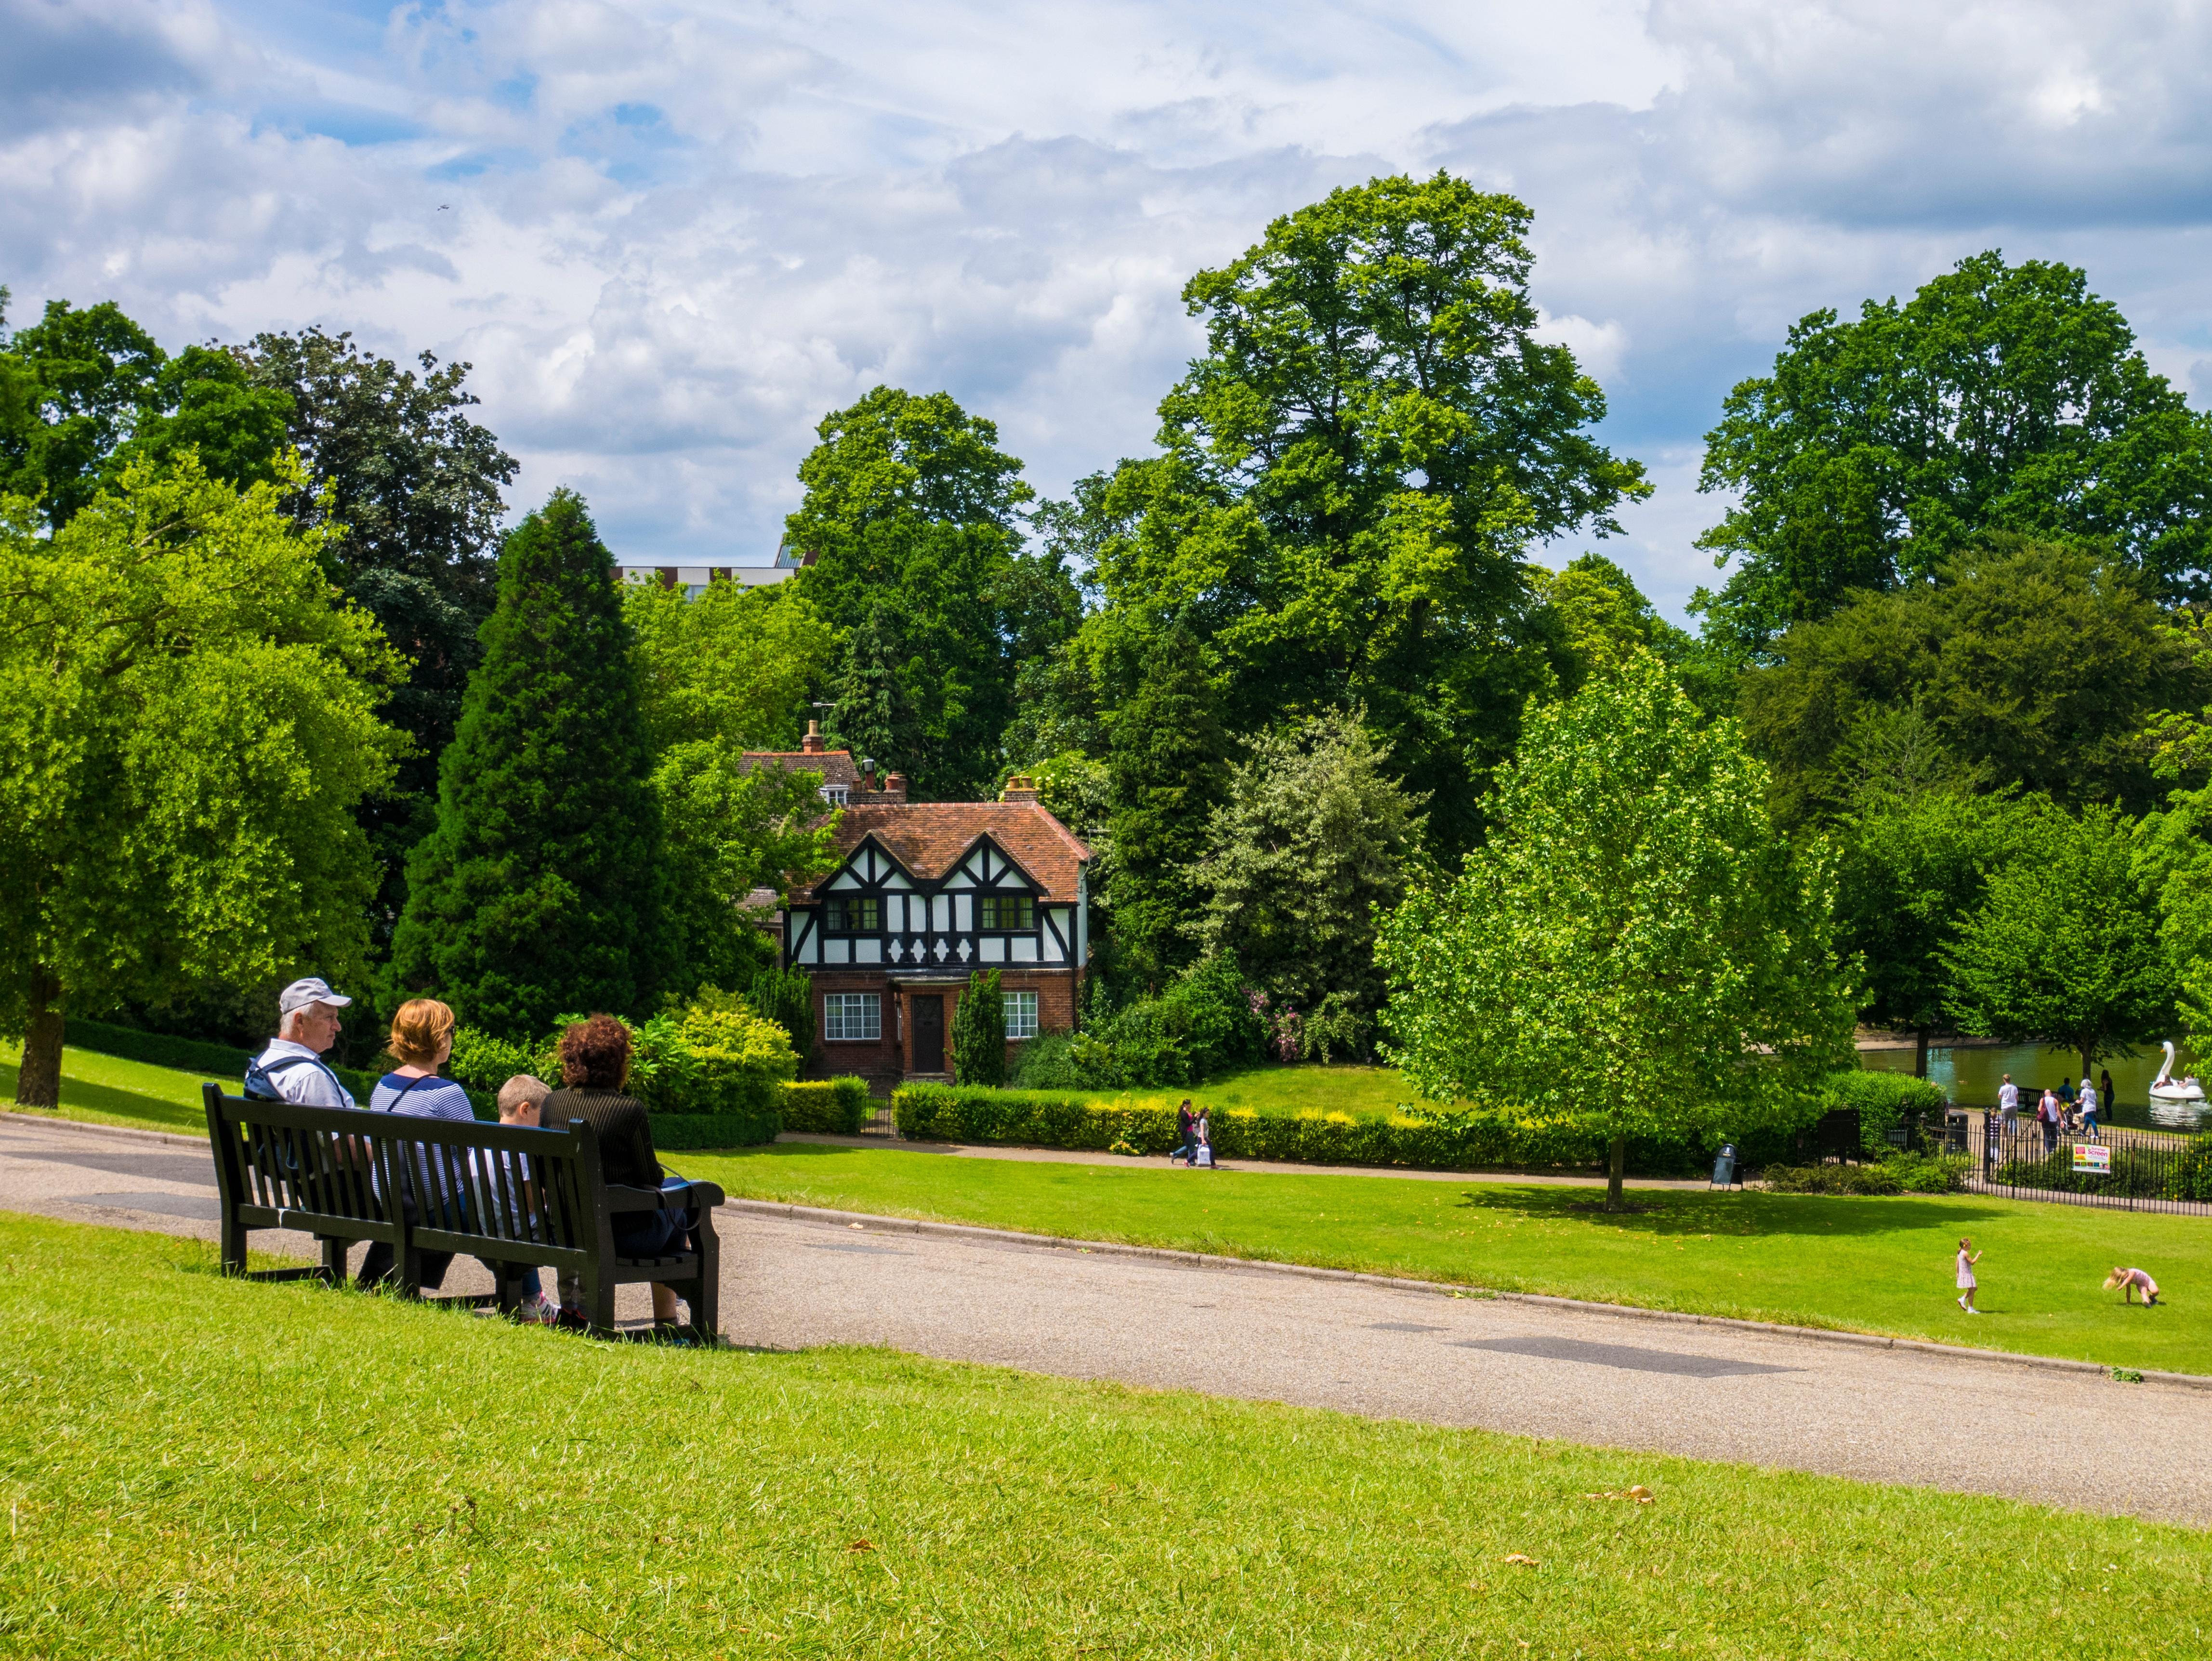 Park Als Tuin : Gratis afbeeldingen : boom gras farm gazon bloem park tuin